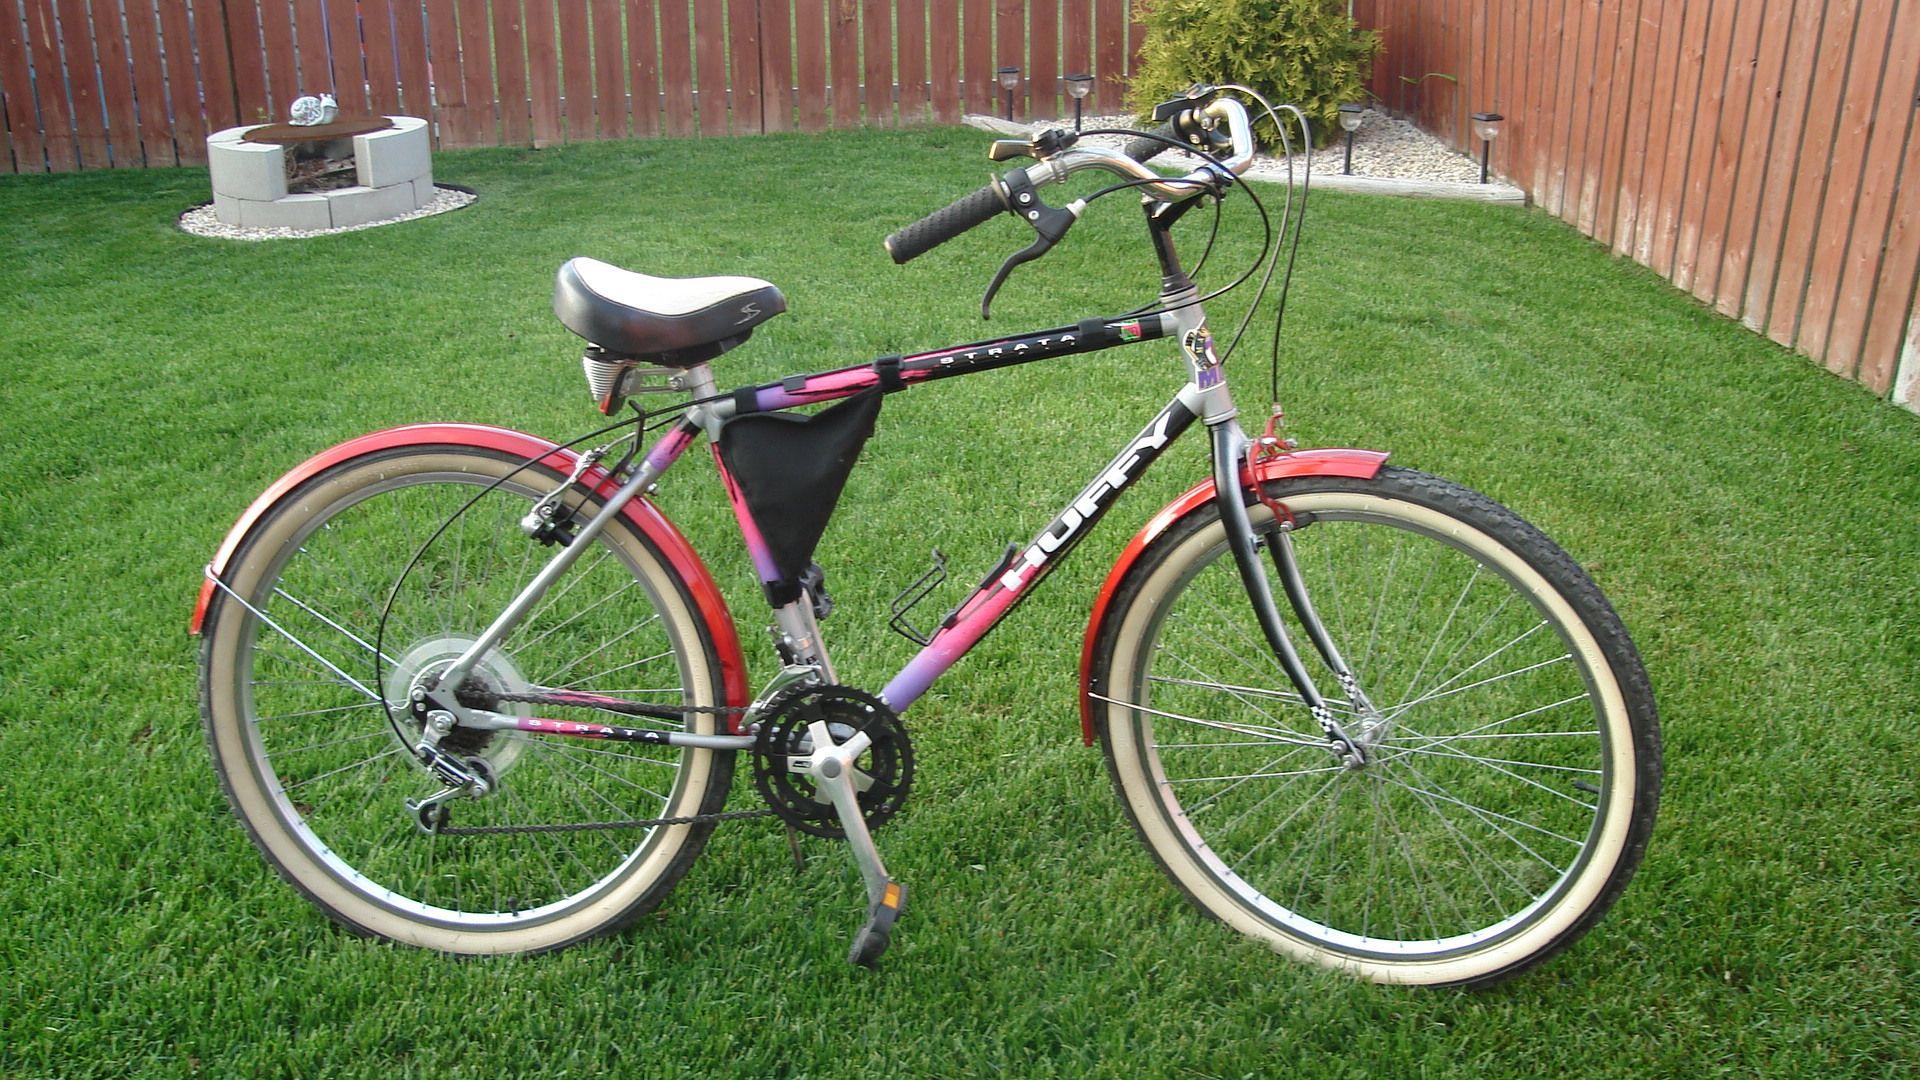 Huffy Strata mtn bike cruiser conversion